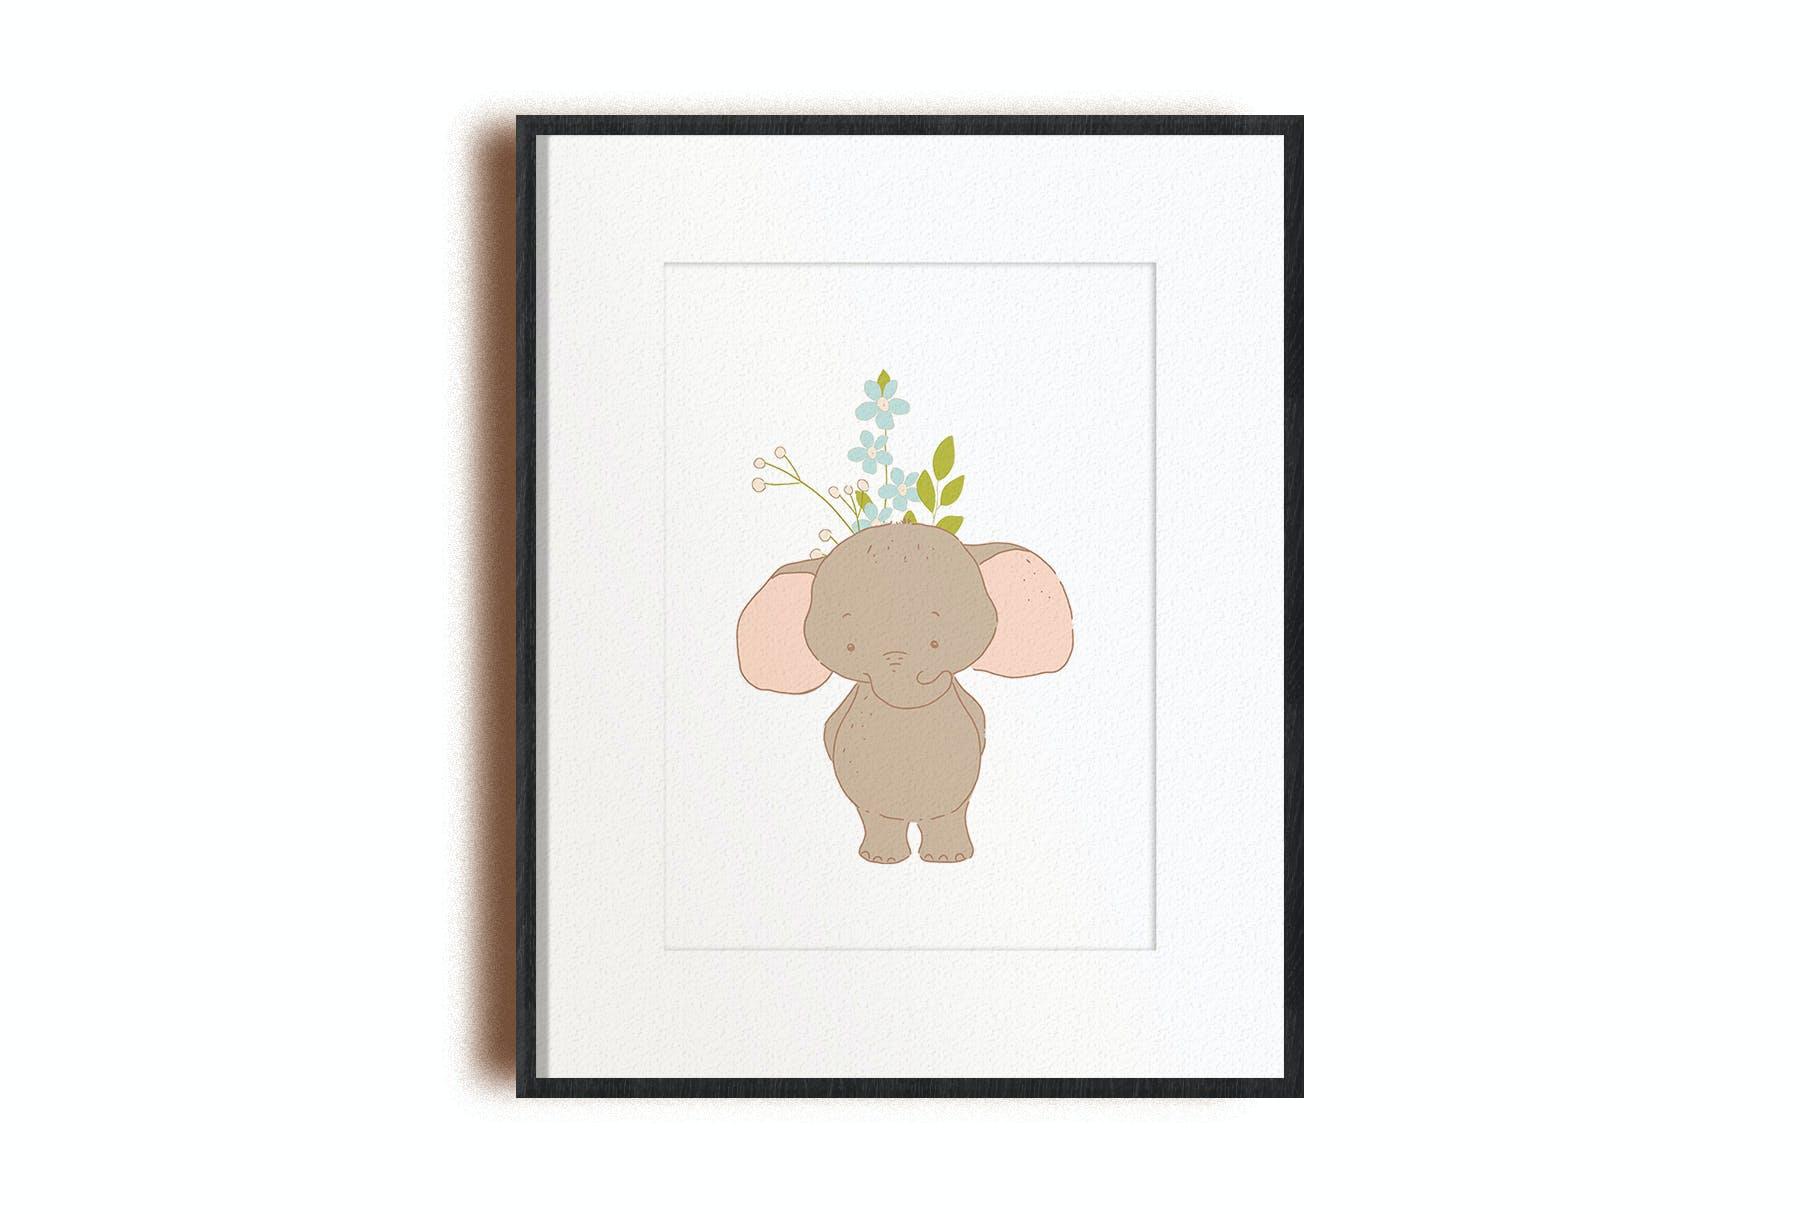 可爱卡通手绘大象花卉插画矢量素材 Baby Shower Elephants插图(6)